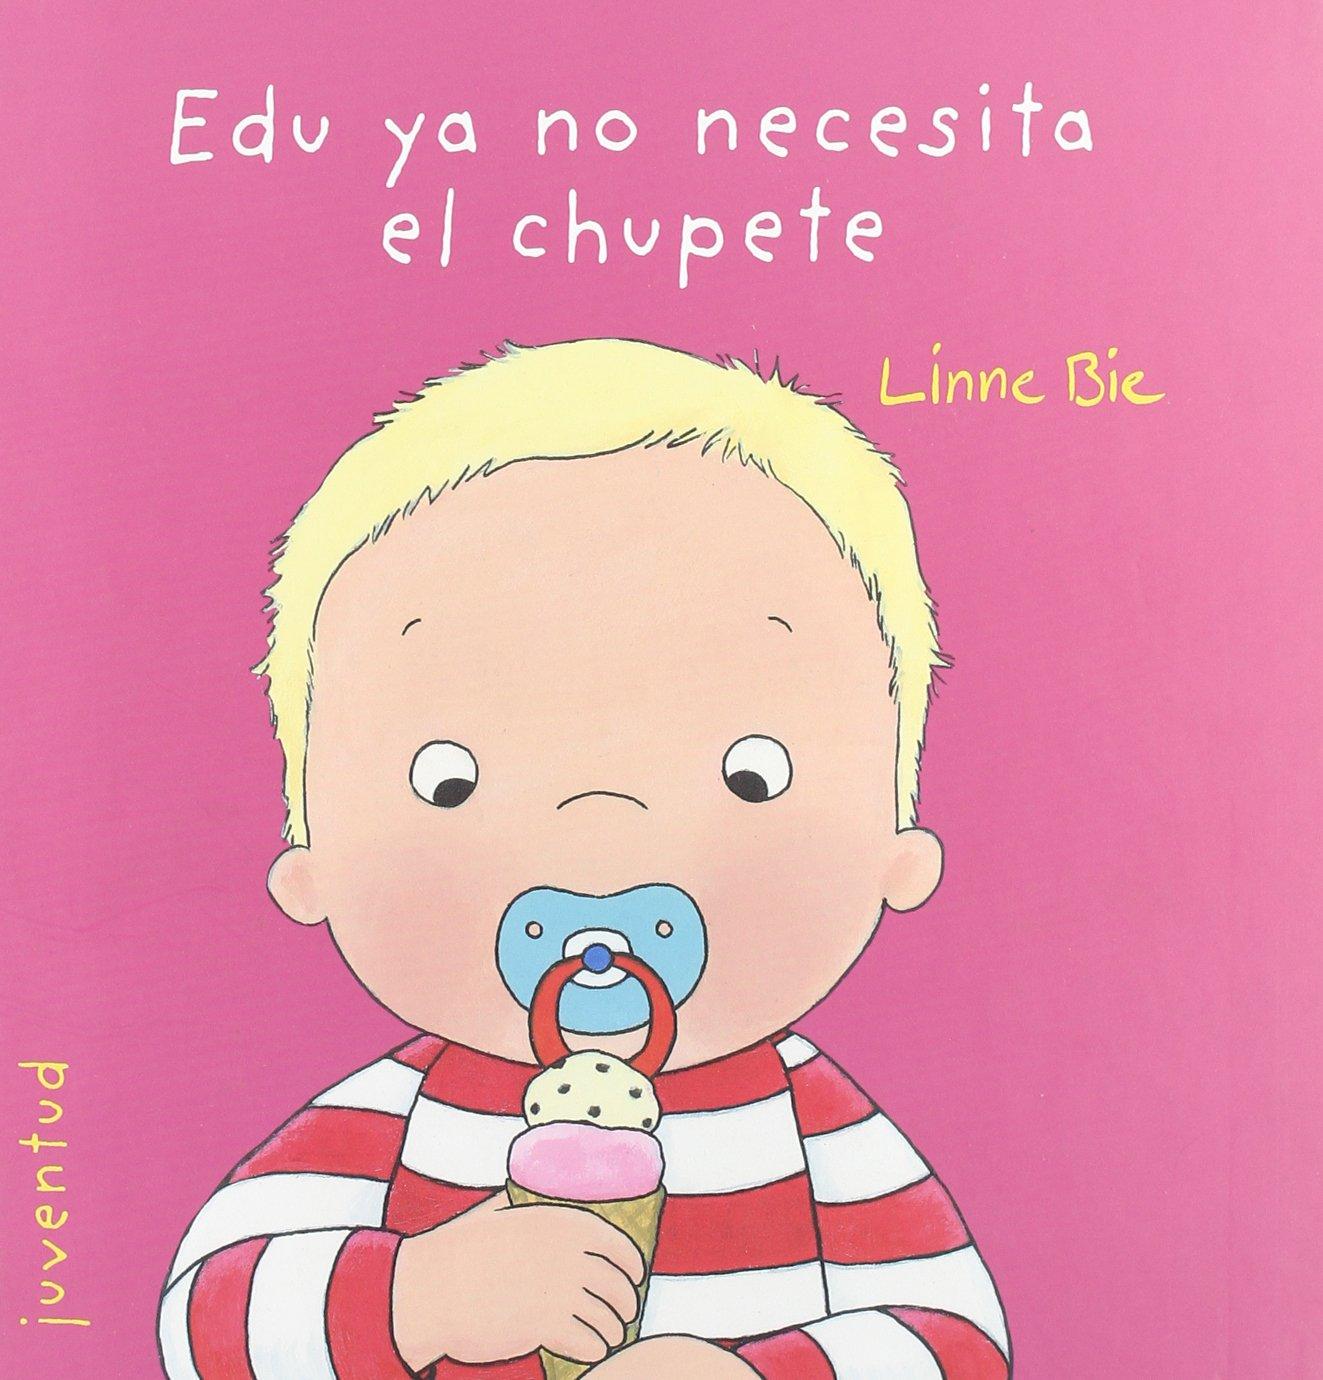 Edu ya no necesita el chupete (EL PEQUEÑO EDU): Amazon.es ...